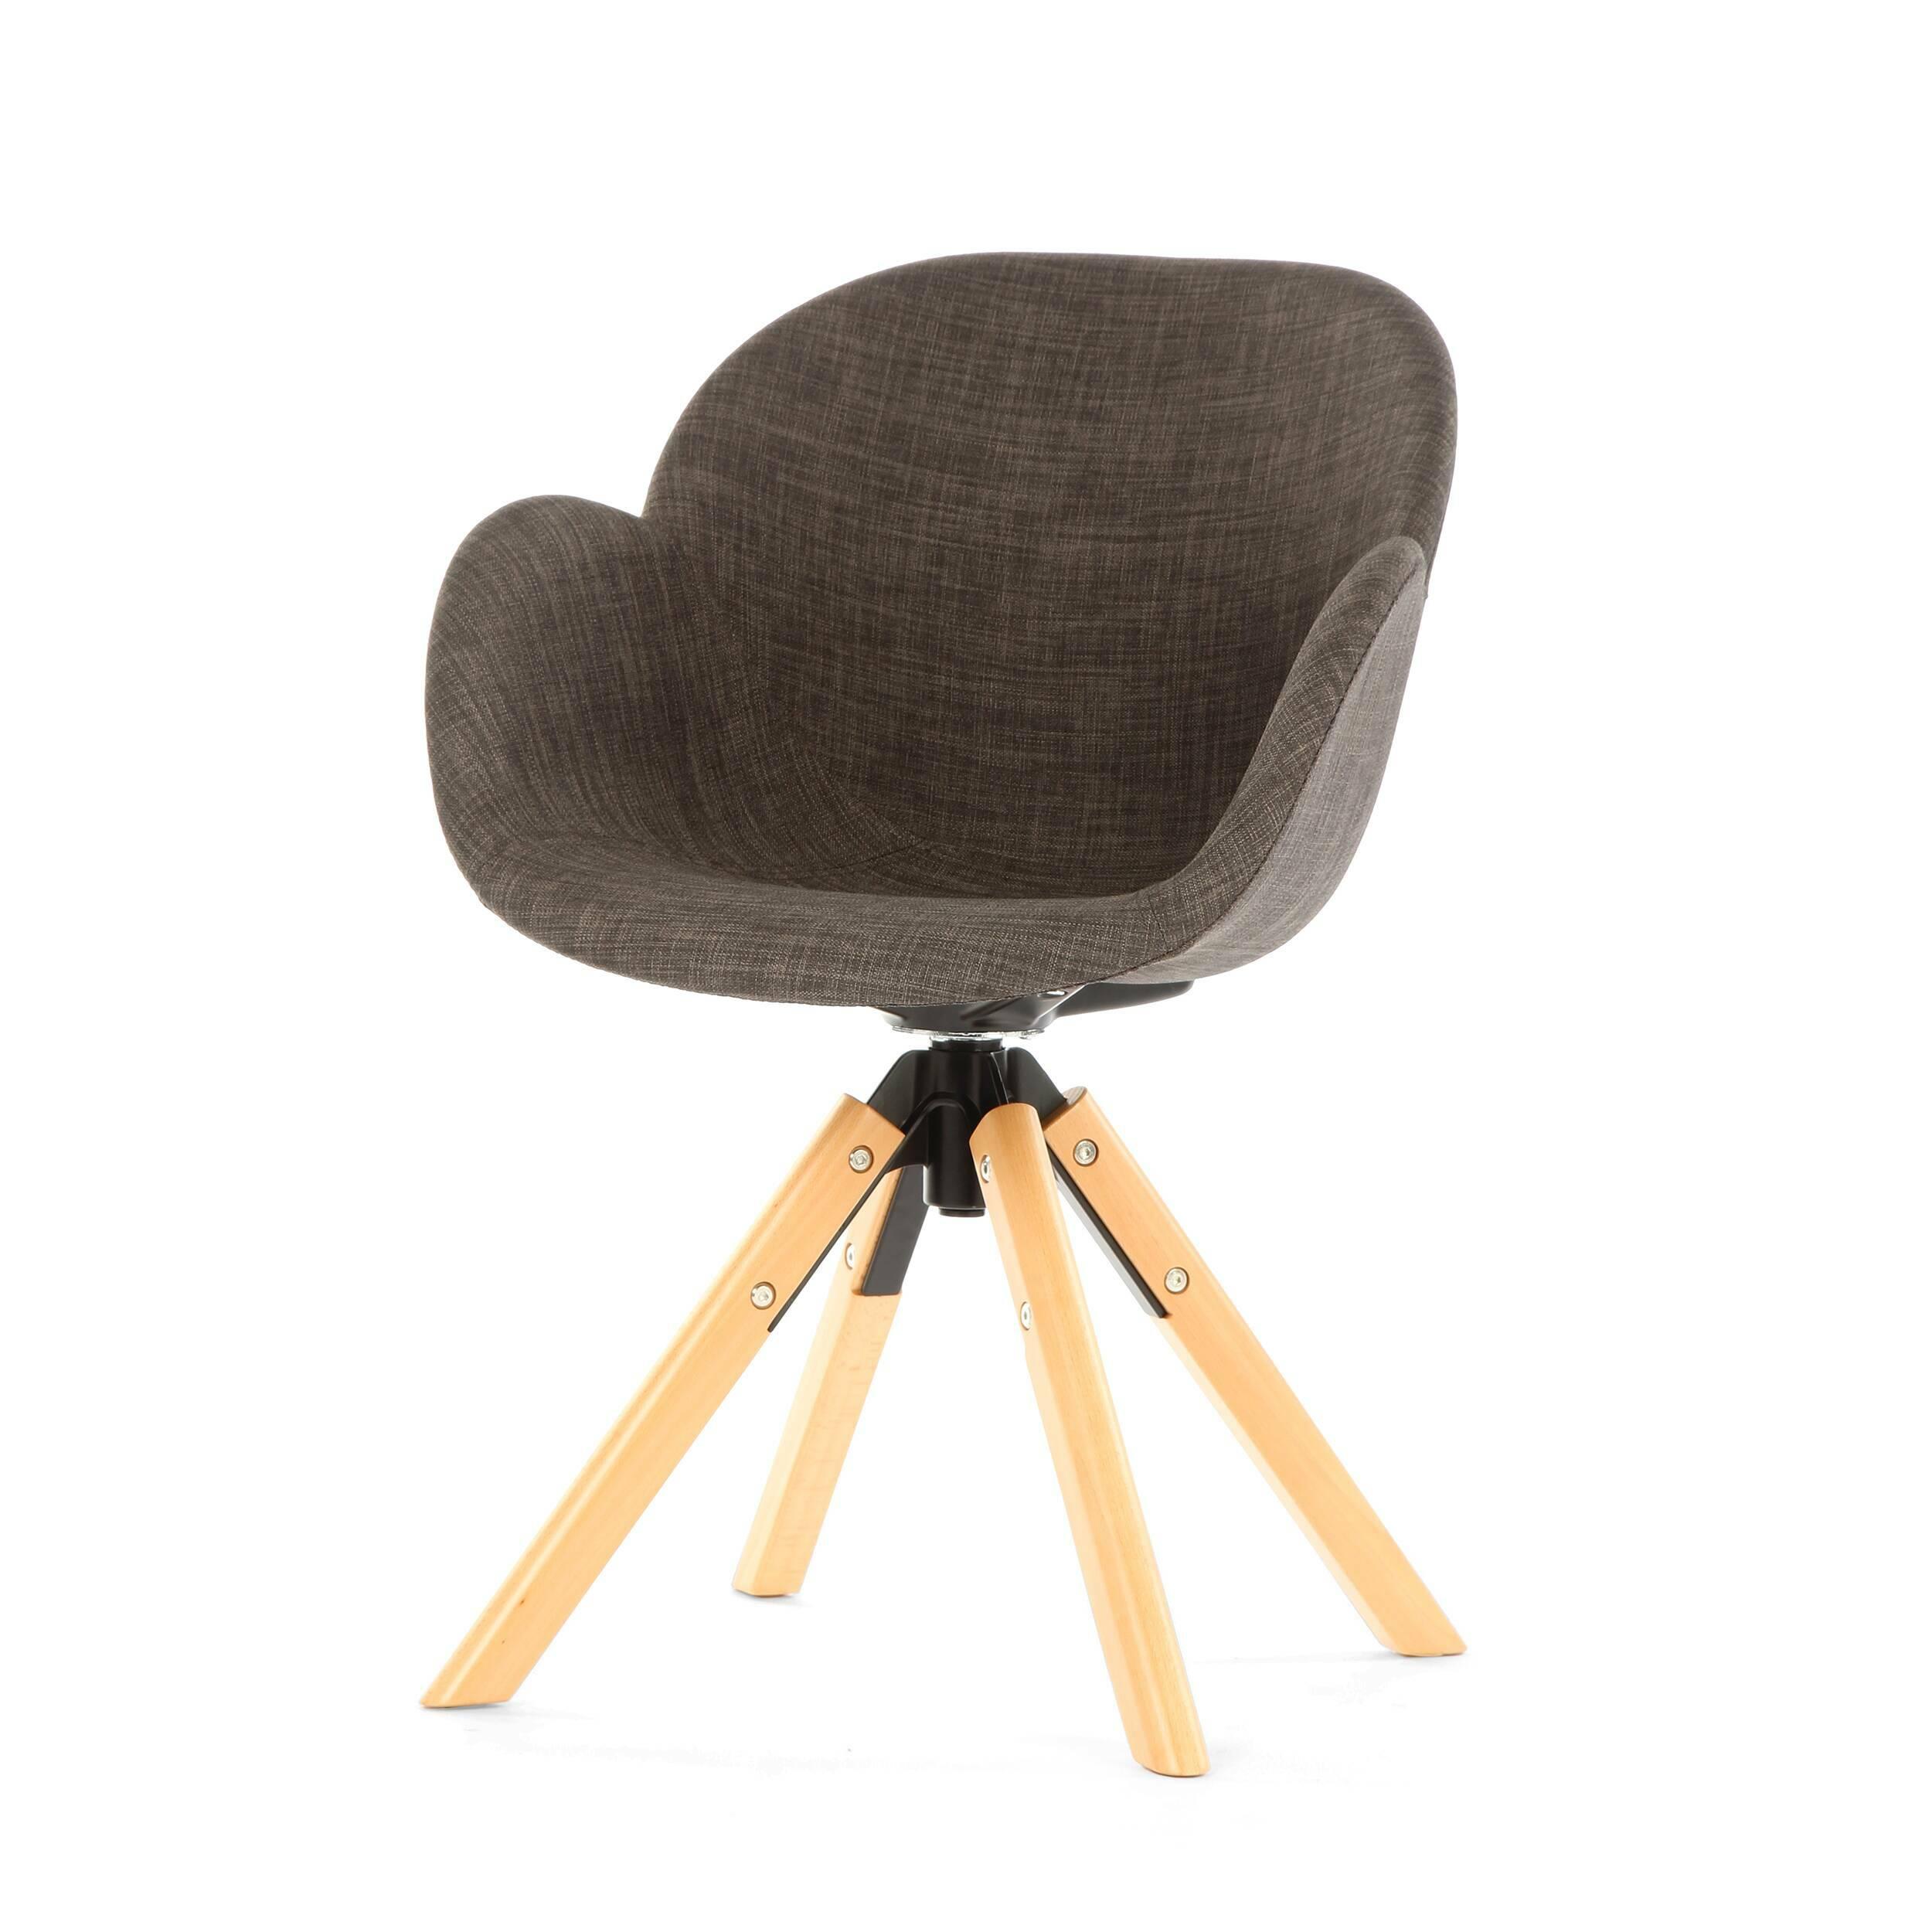 Стул PercyИнтерьерные<br>Стул Percy будет красиво и интересно смотреться в интерьере. Спинка изделия плавно переходит в сиденье, а оно — в сплошные подлокотники. Благодаря этому стул смотрится очень гармоничным и пропорциональным, в нем удобно сидеть за работой или просто отдыхать. Изделие больше напоминает собой упрощенный вариант домашнего кресла.<br><br><br> Необычная конструкция ножек поможет внести в интерьер разнообразие. Ножки изготовлены из массива бука — прочной и надежной древесины, которая очень популярна ср...<br><br>stock: 25<br>Высота: 85<br>Высота сиденья: 46<br>Ширина: 59<br>Глубина: 61<br>Цвет ножек: Светло-коричневый<br>Механизмы: Поворотная функция<br>Материал ножек: Массив бука<br>Цвет сидения: Черный<br>Тип материала сидения: Ткань<br>Тип материала ножек: Дерево